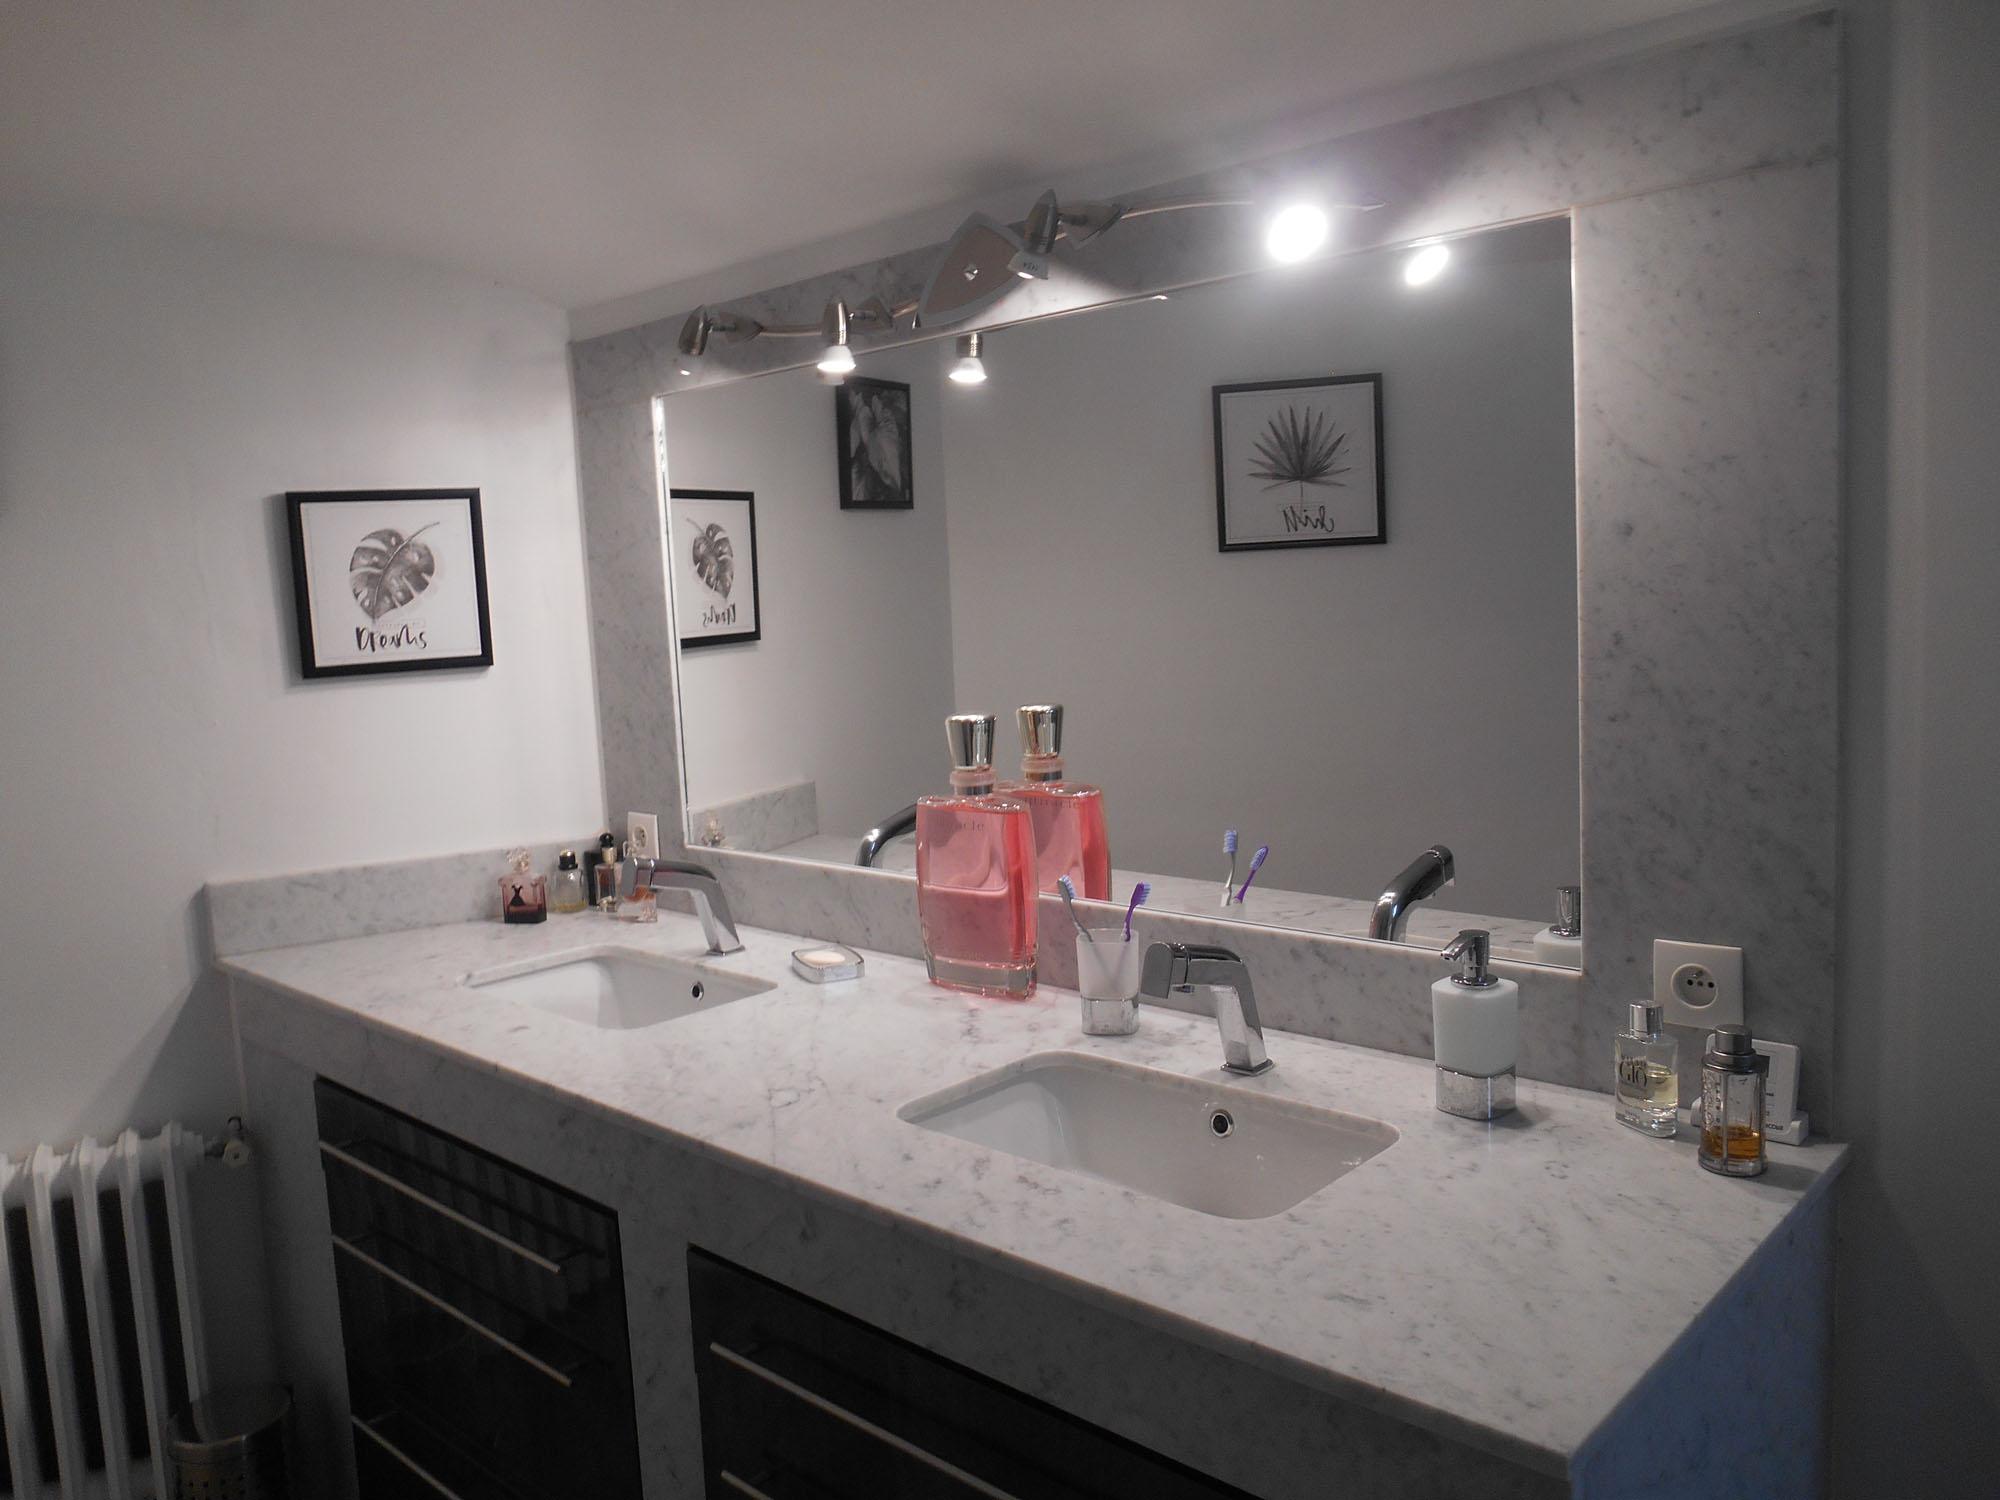 vasques receveurs de douche rev tement mural plans de toilette. Black Bedroom Furniture Sets. Home Design Ideas